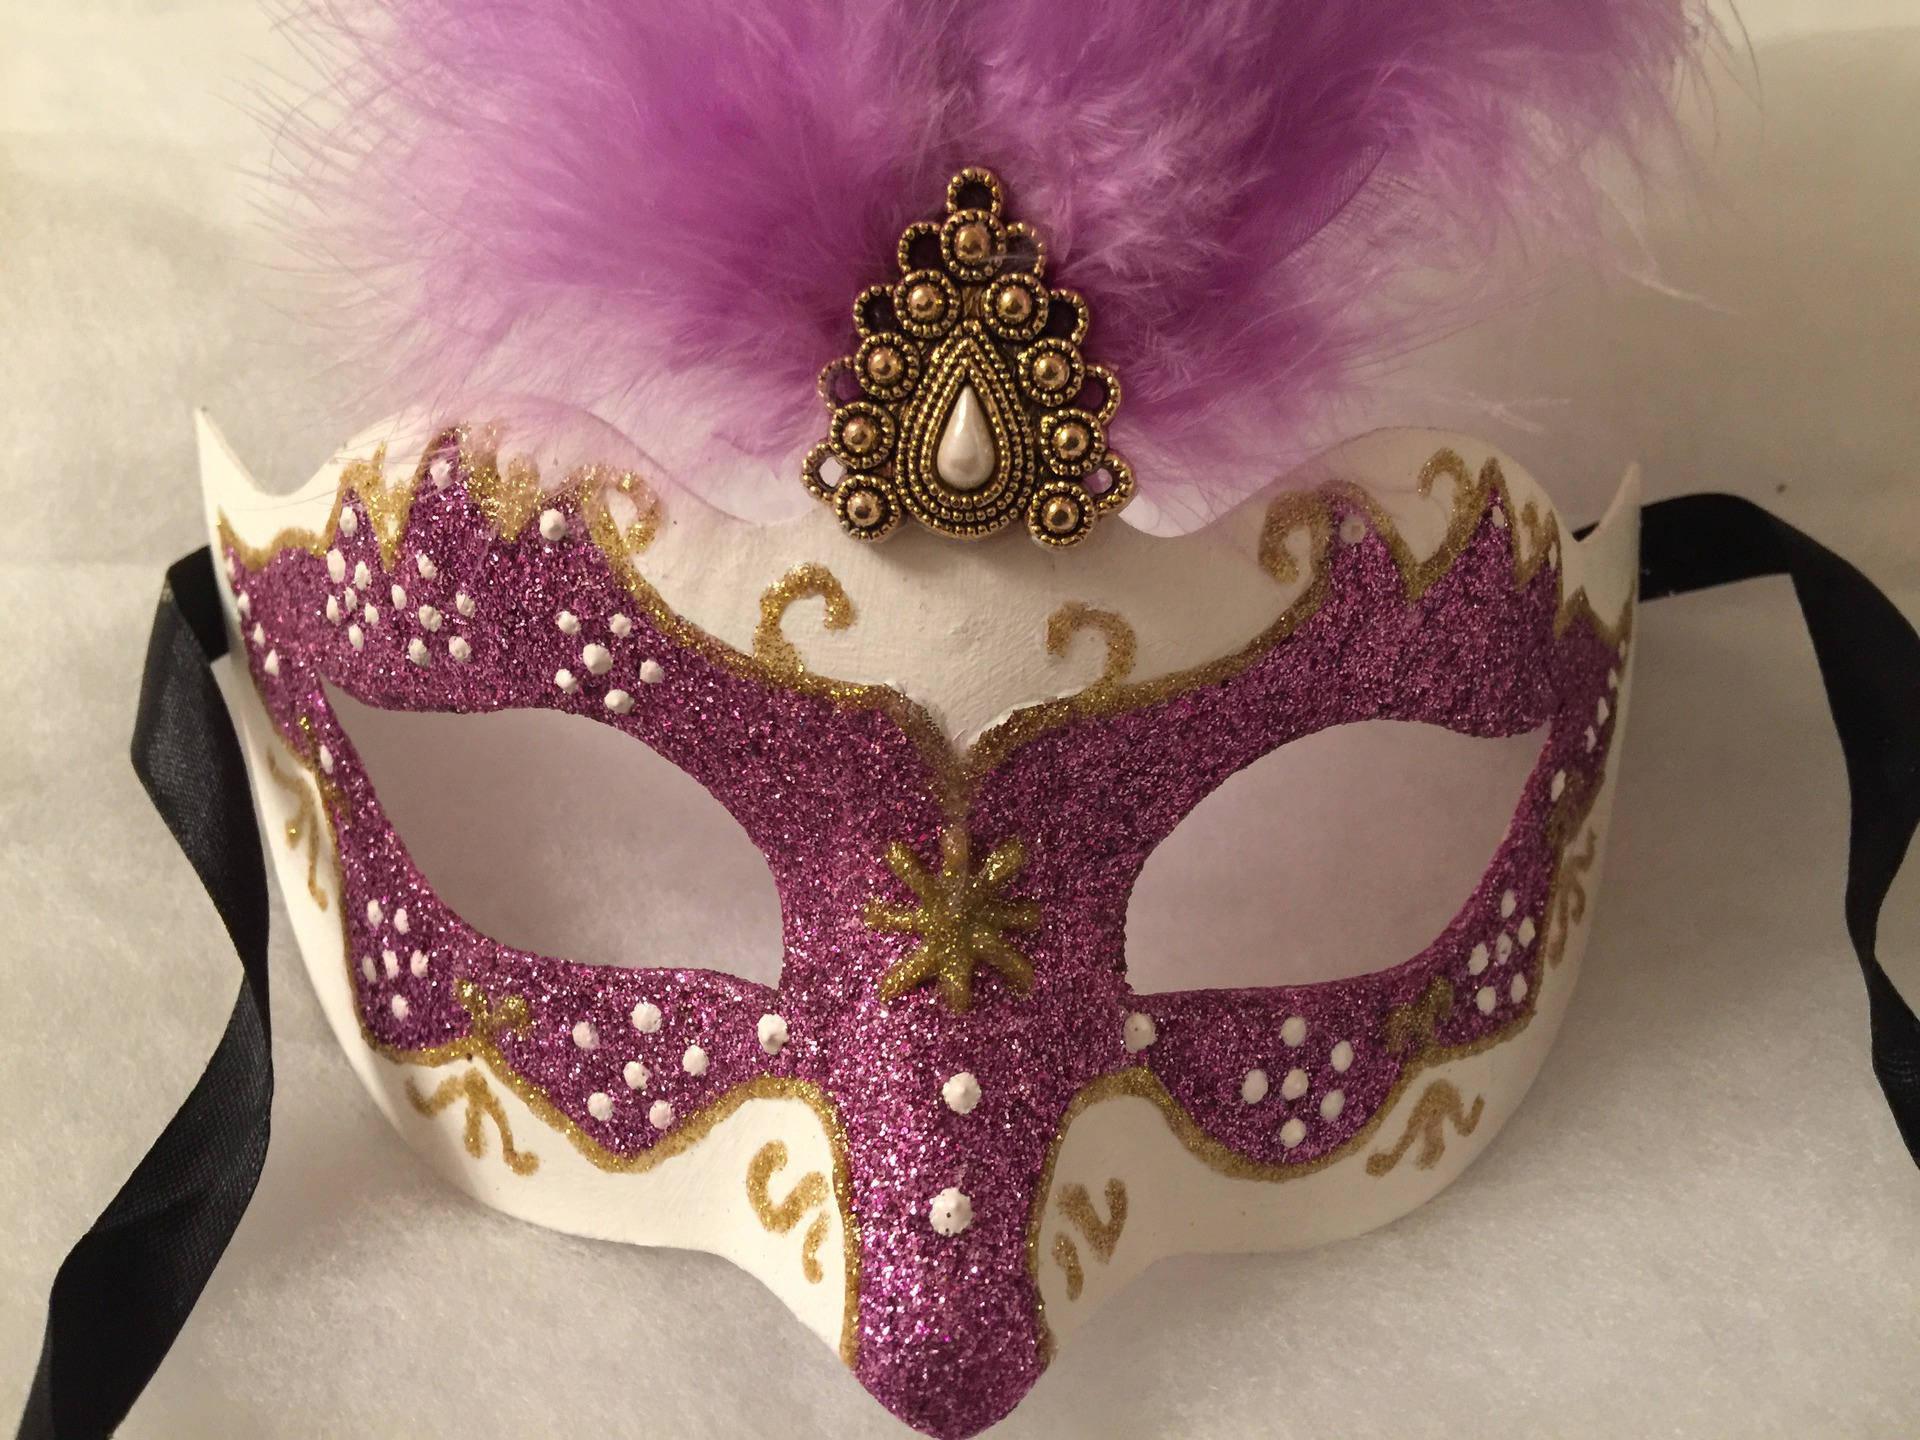 Masque venitien carnaval violet et dore plumes d'autruches